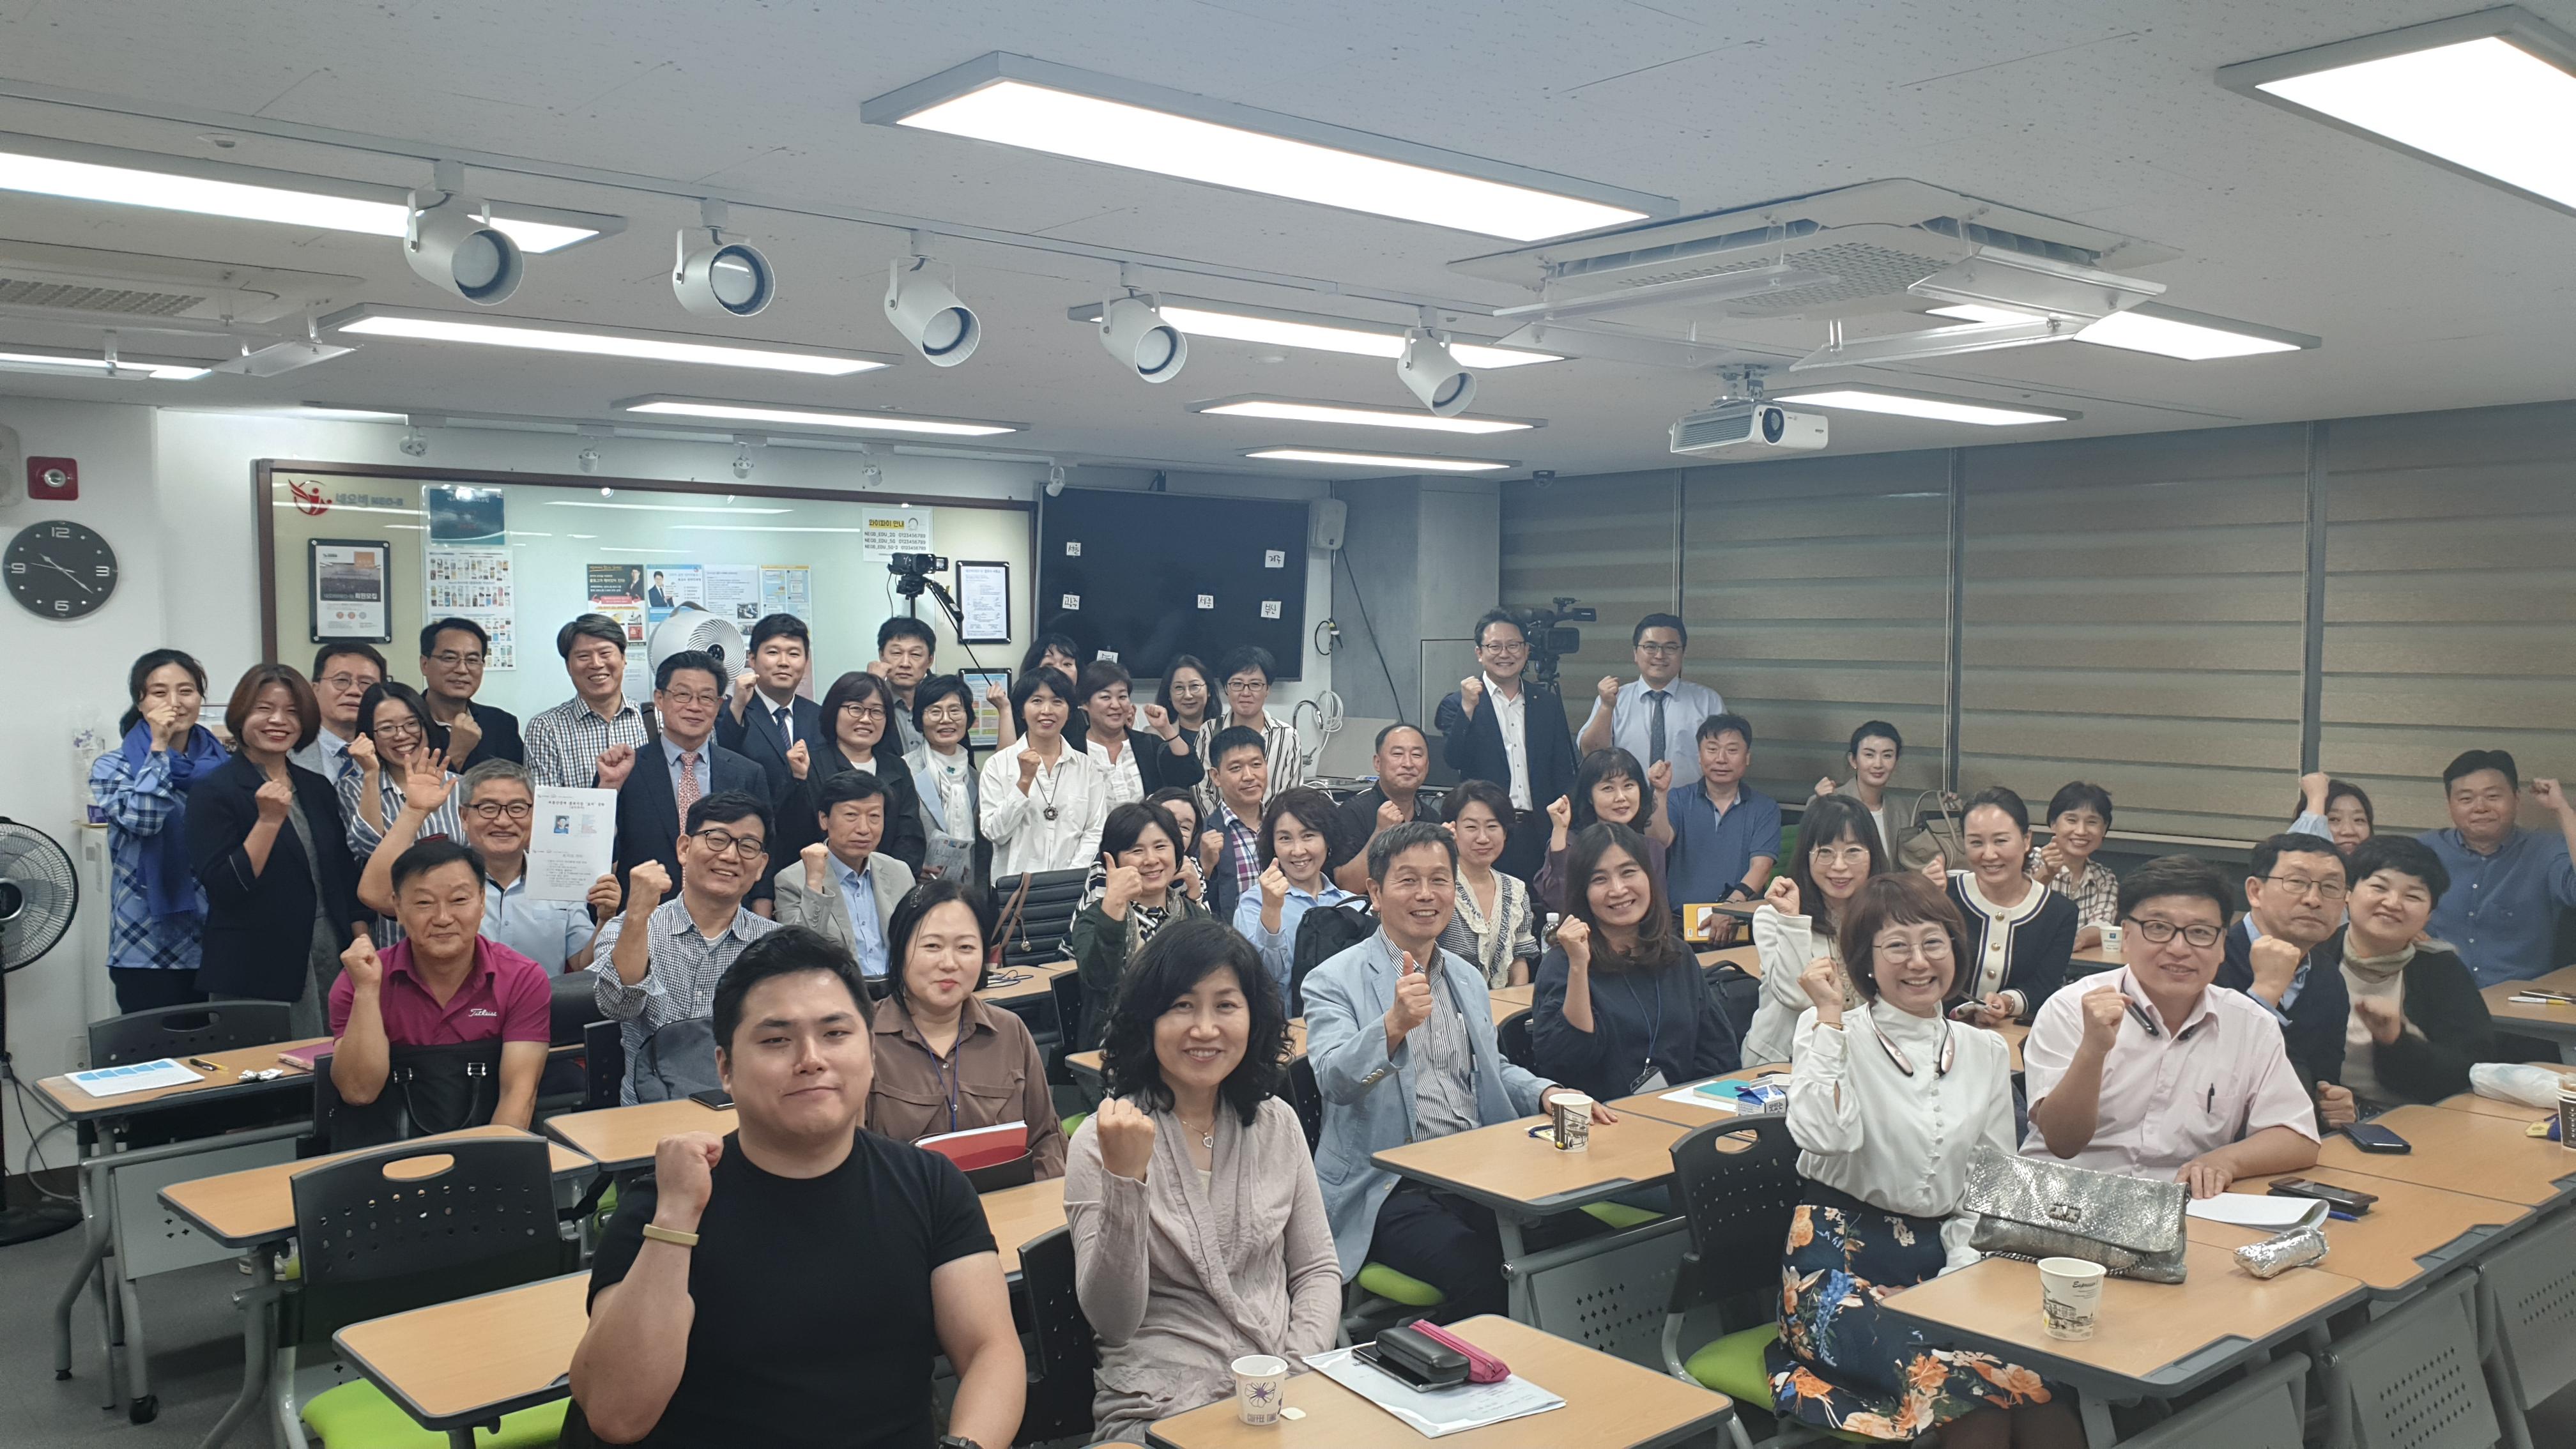 2019년 9월 정기세미나(스폐셜토... 이미지